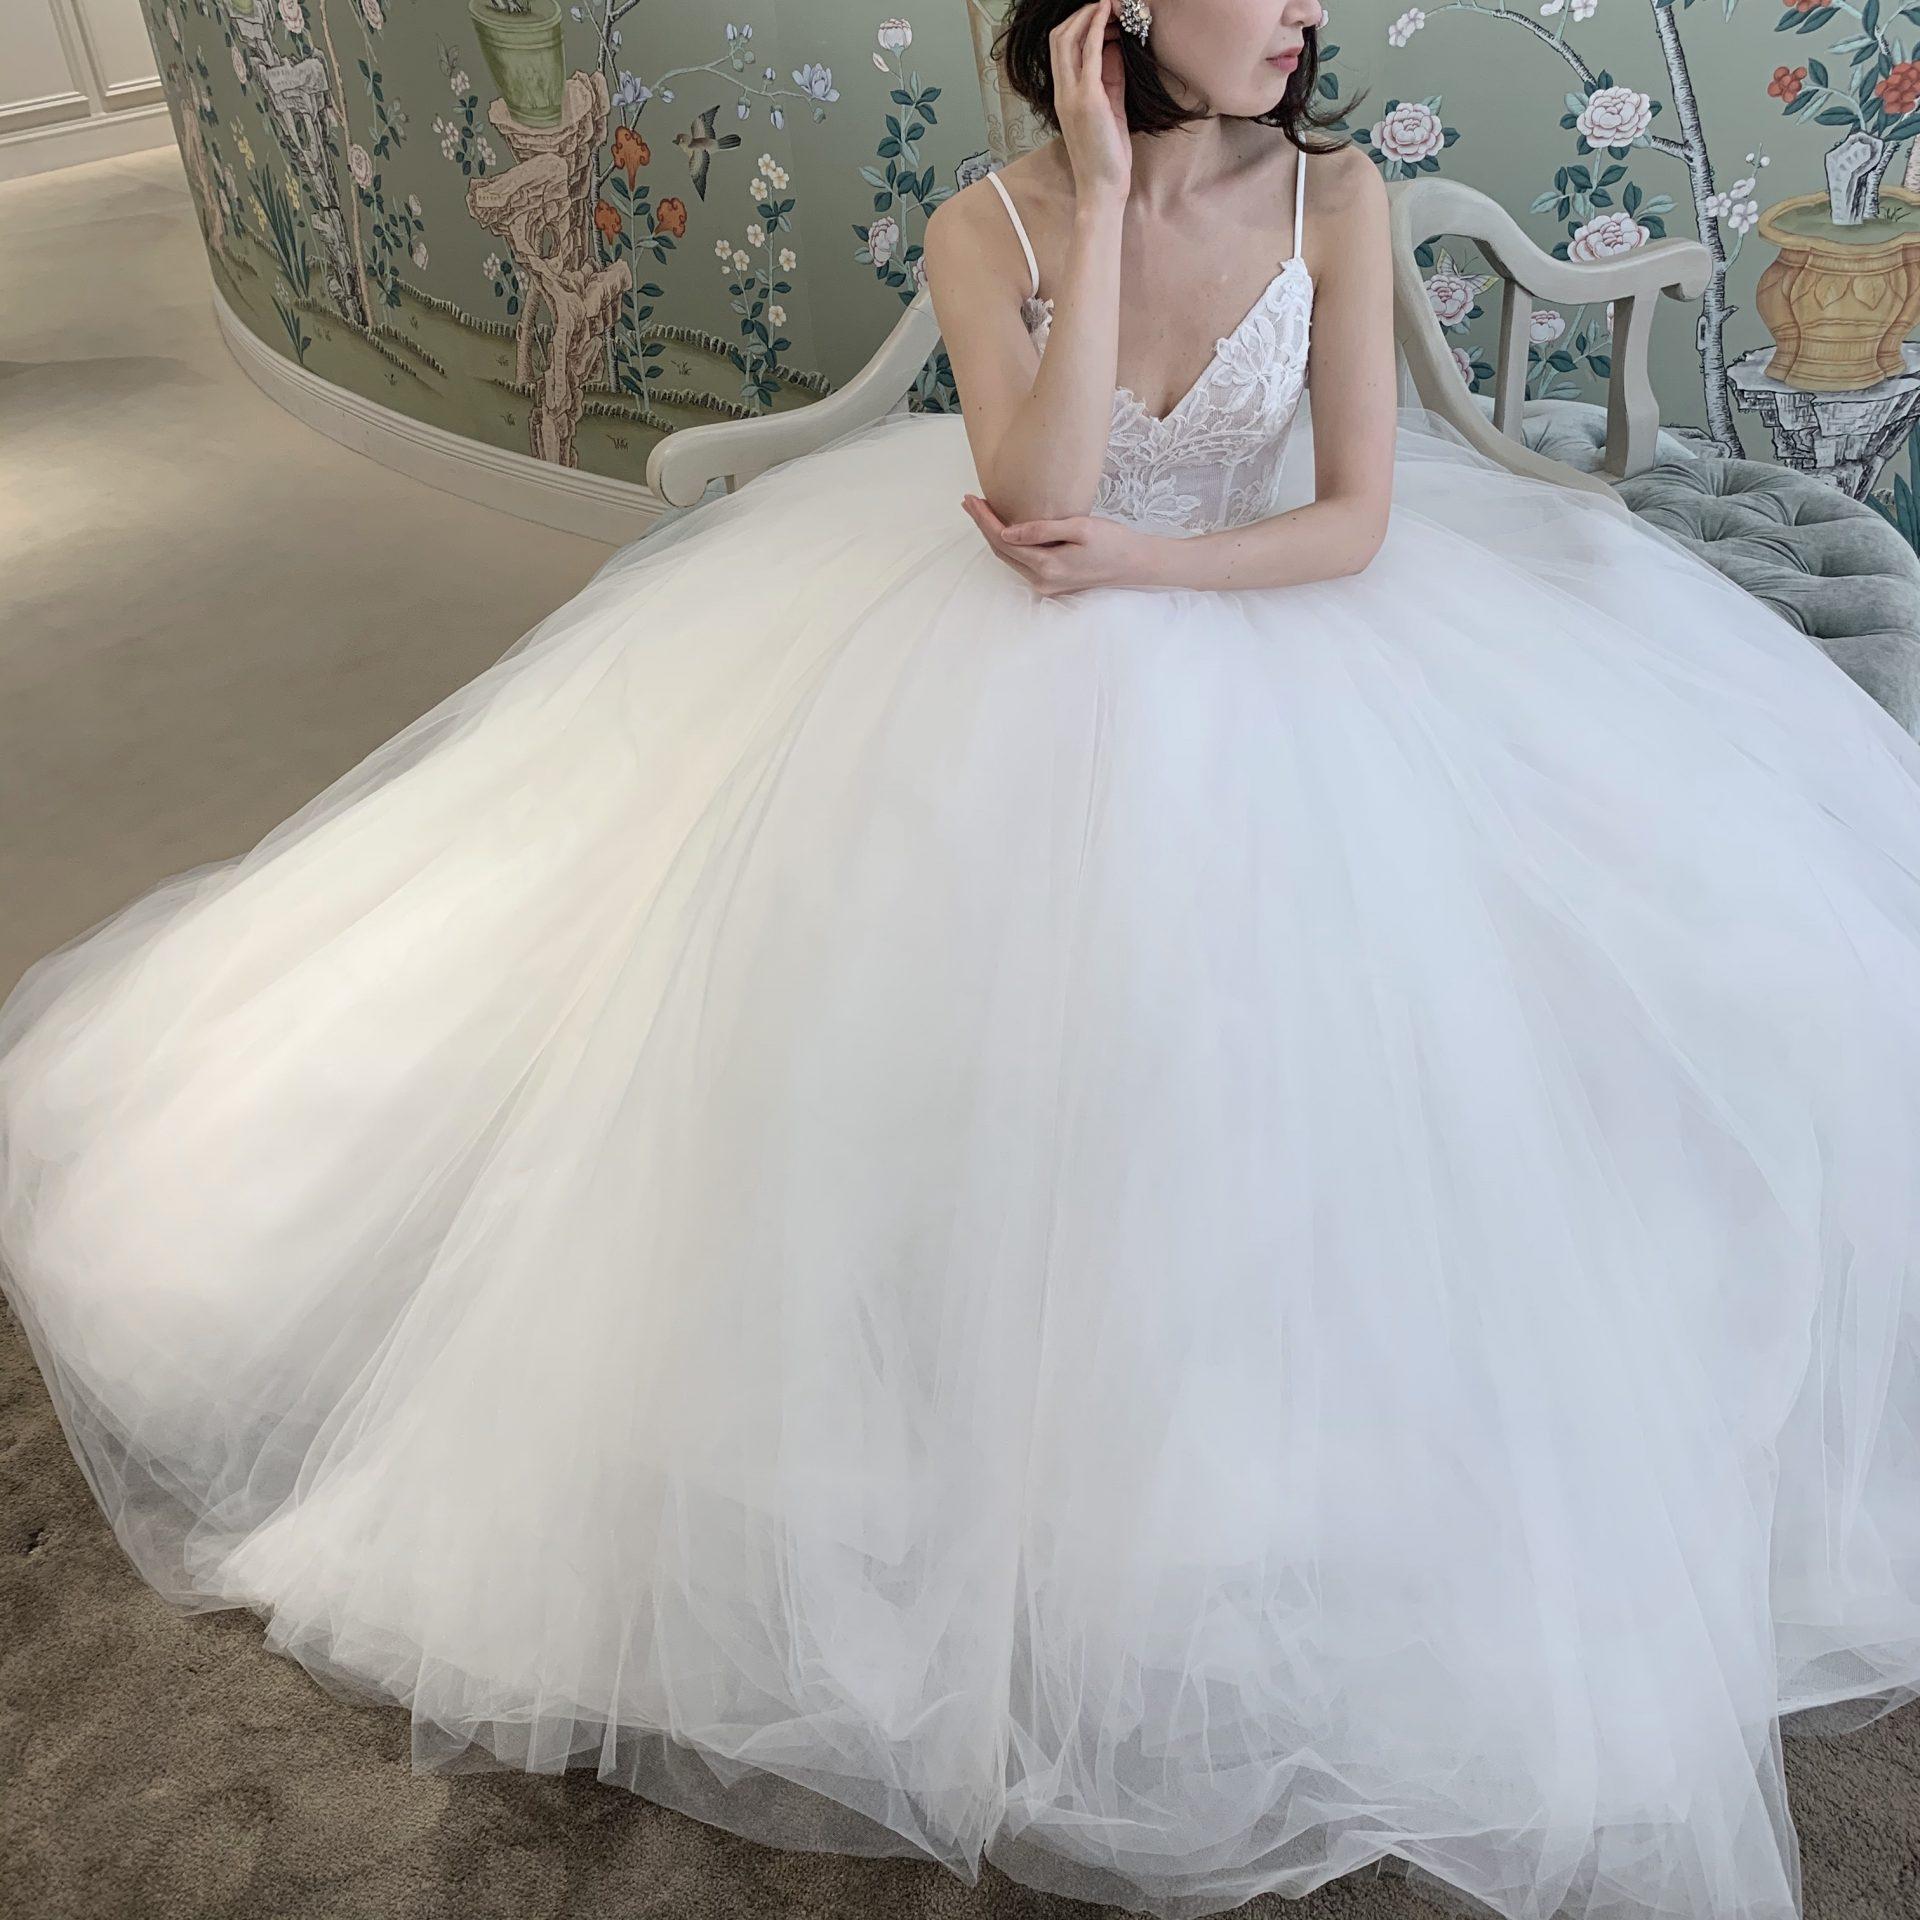 フォーチュンガーデン京都で結婚式を挙げられる花嫁様におすすめしたいプリンセスラインのウェディングドレス